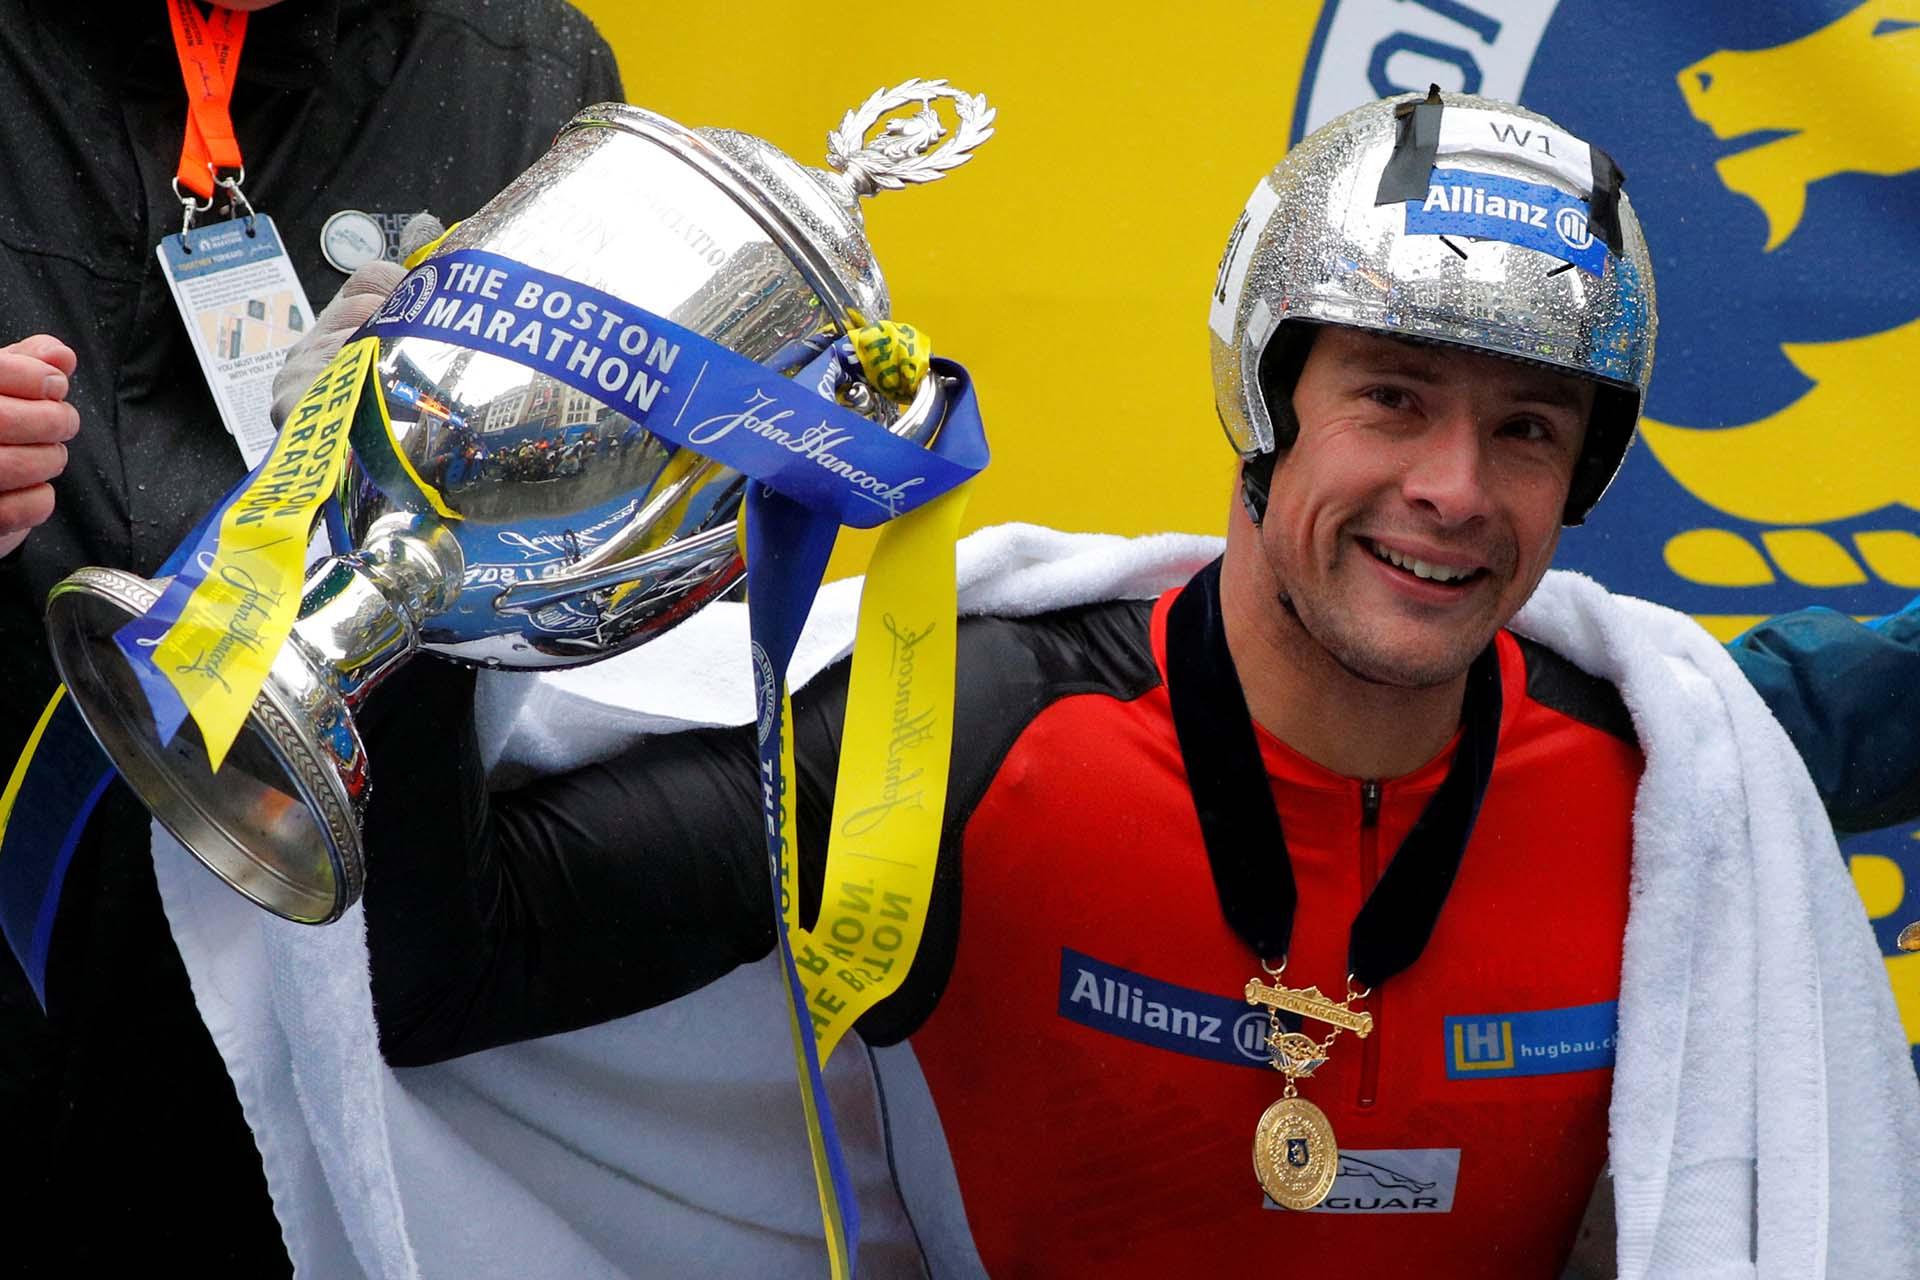 En las pruebas de sillas de ruedas, el suizo Marcel Hug volvió a dominar en masculino al conseguir el cuarto triunfo consecutivo con regustro de 1h46:25